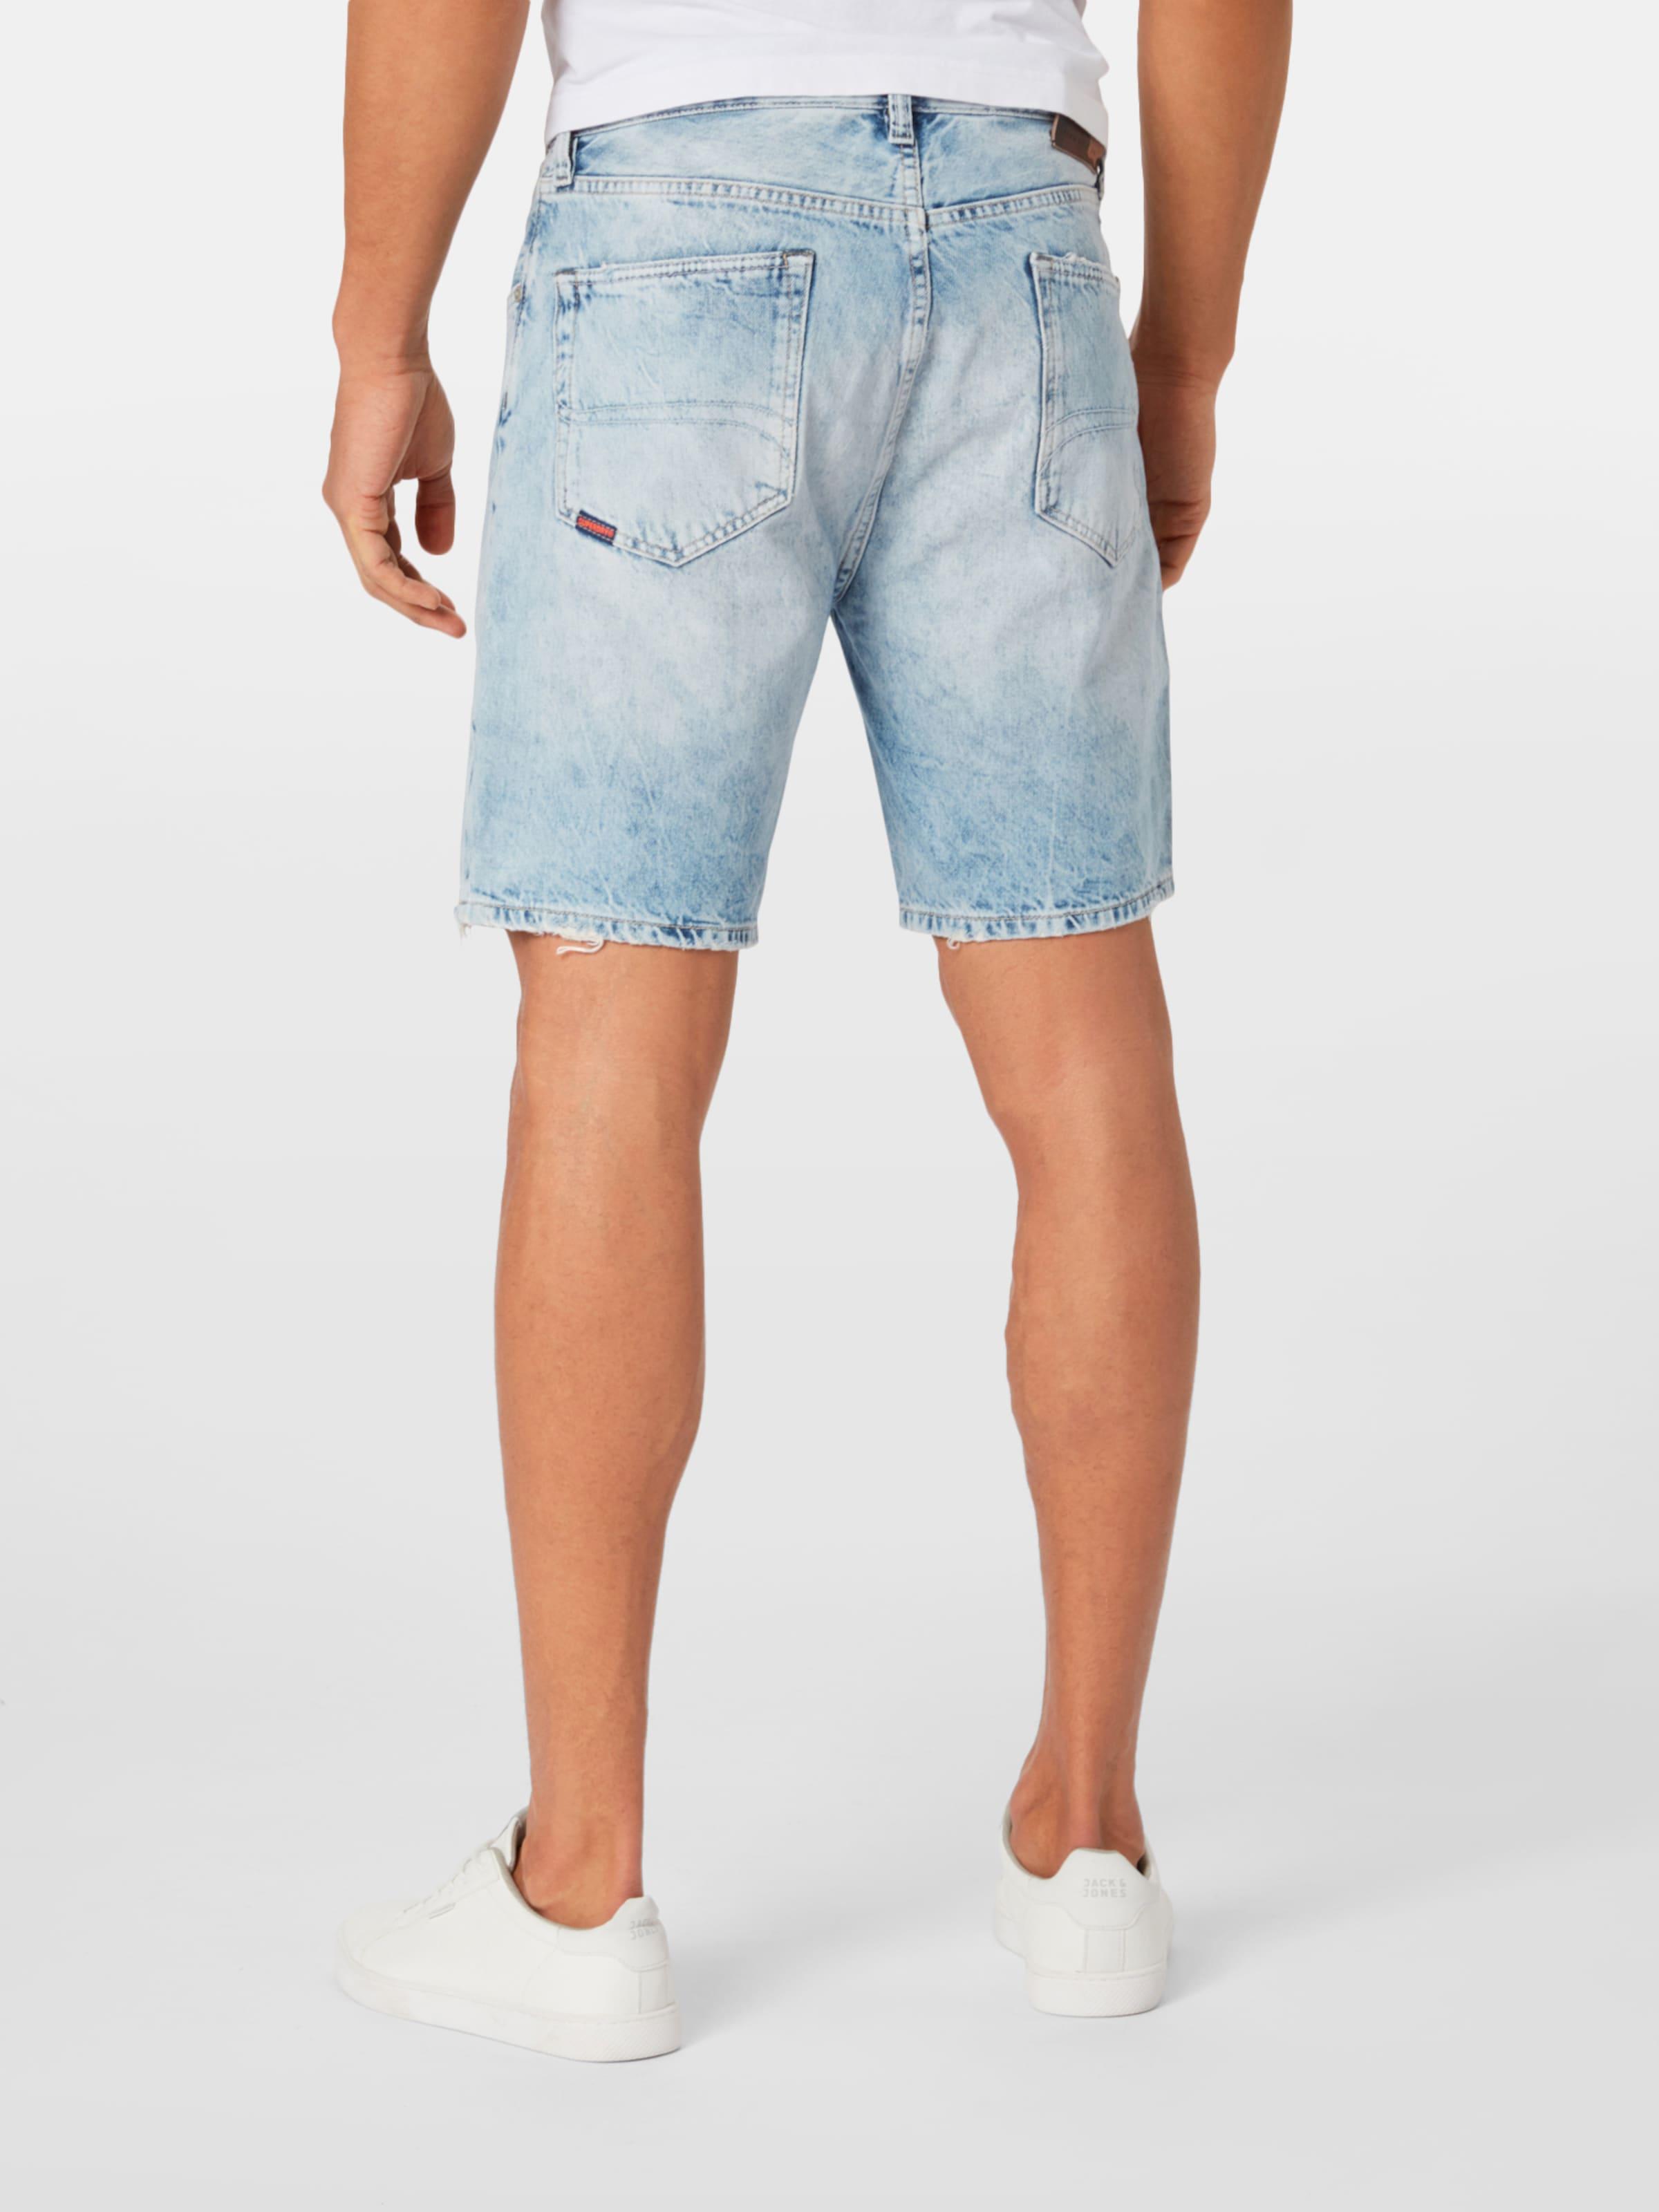 Jeansshorts In Taper' 'conor Superdry Blue Denim TK1cJlF3